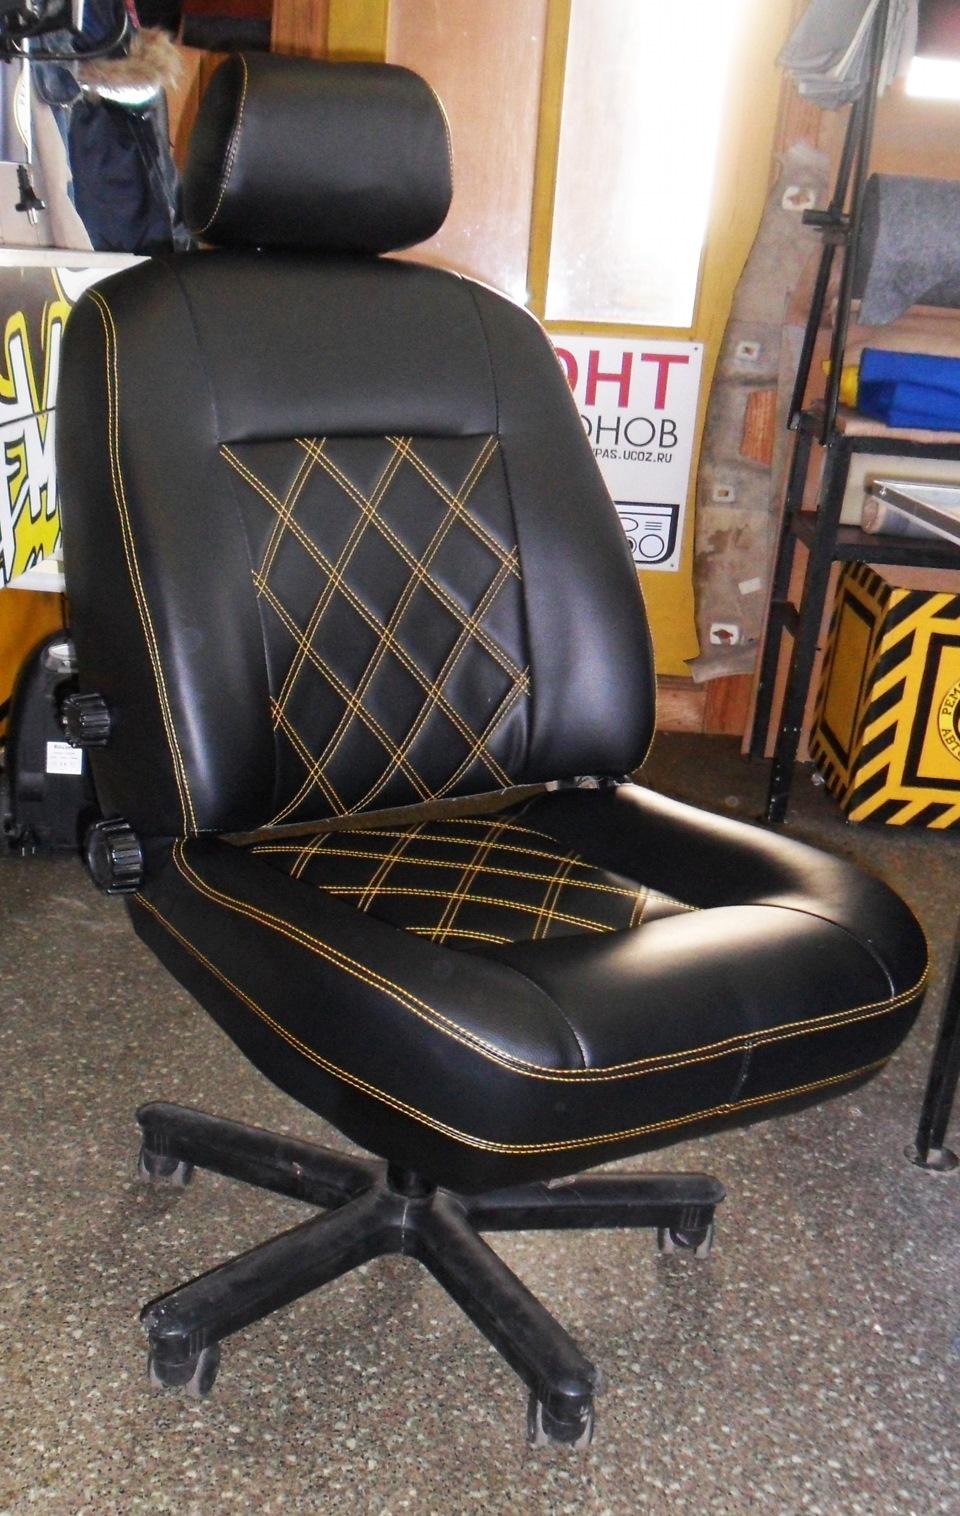 Кресло из автомобильного кресла своими руками